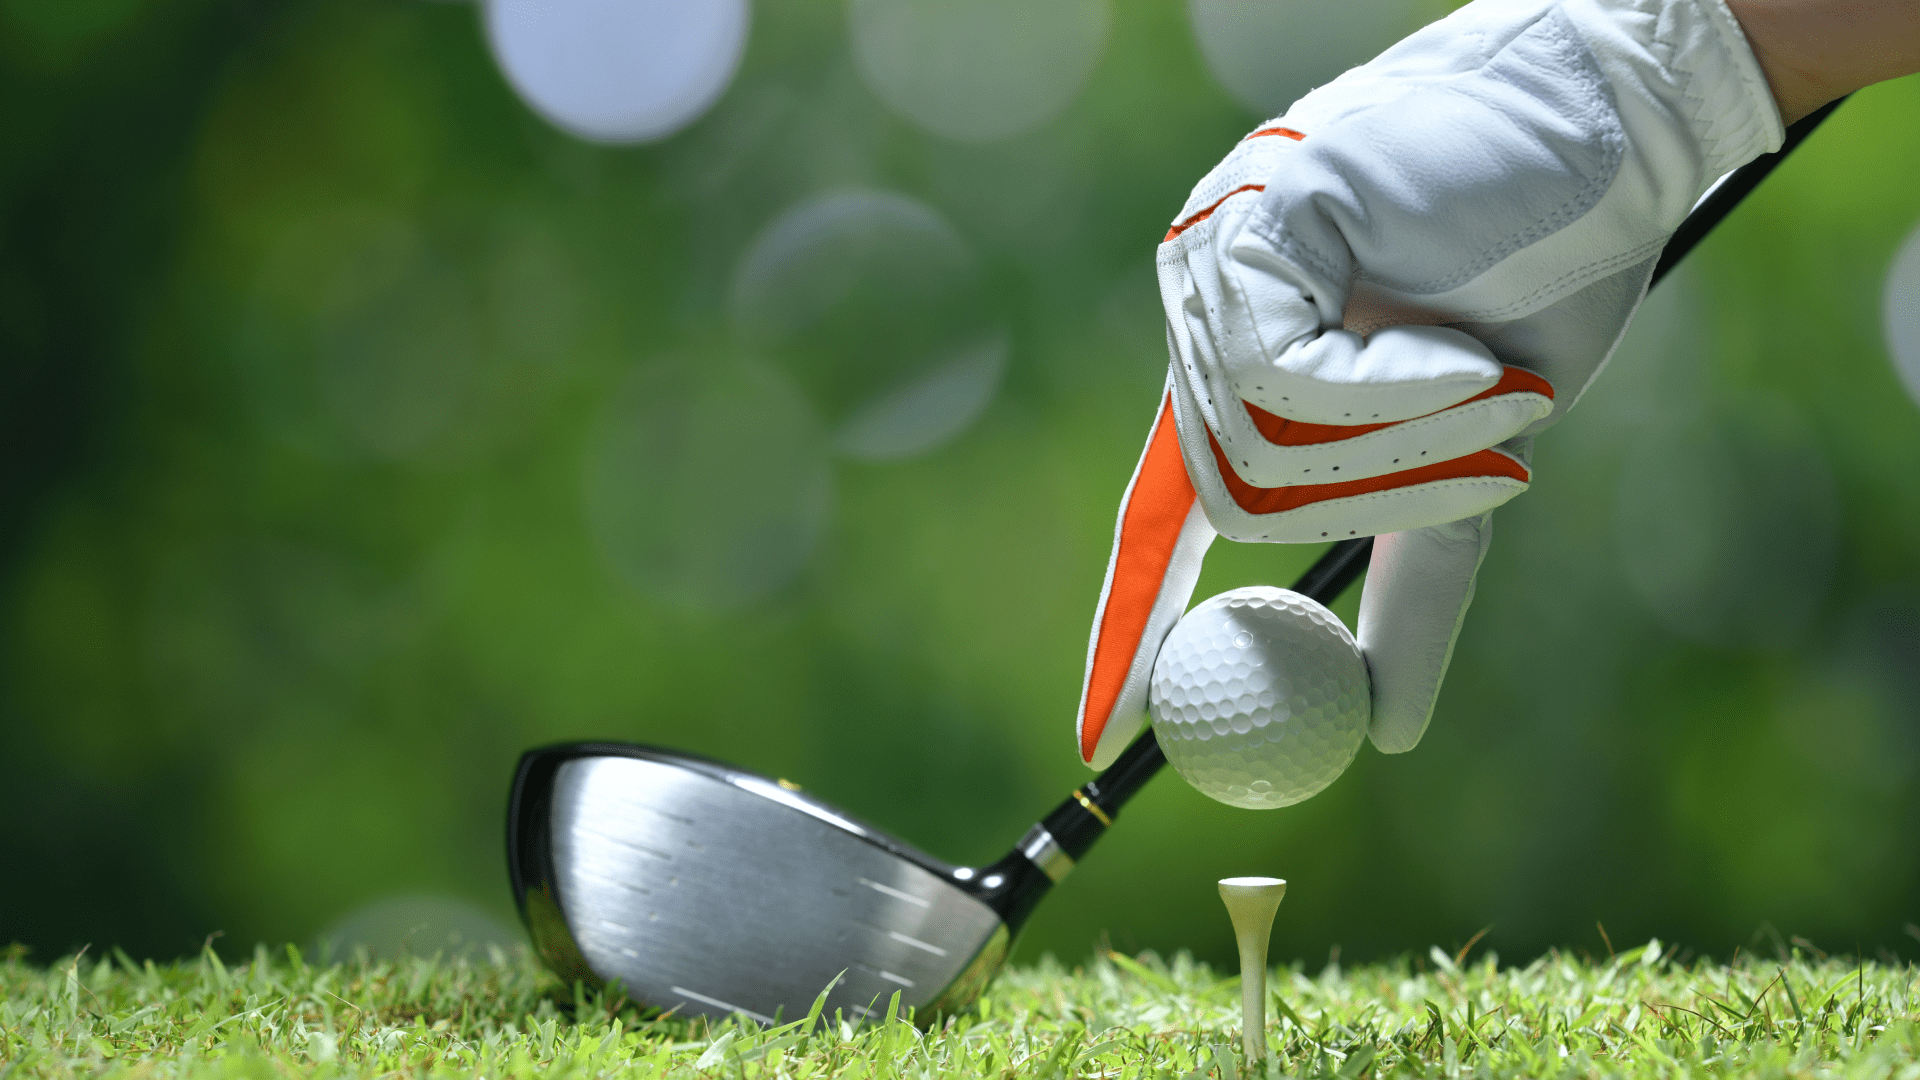 KPMG WOMEN'S PGA CHAMPIONSHIP, Tag 3